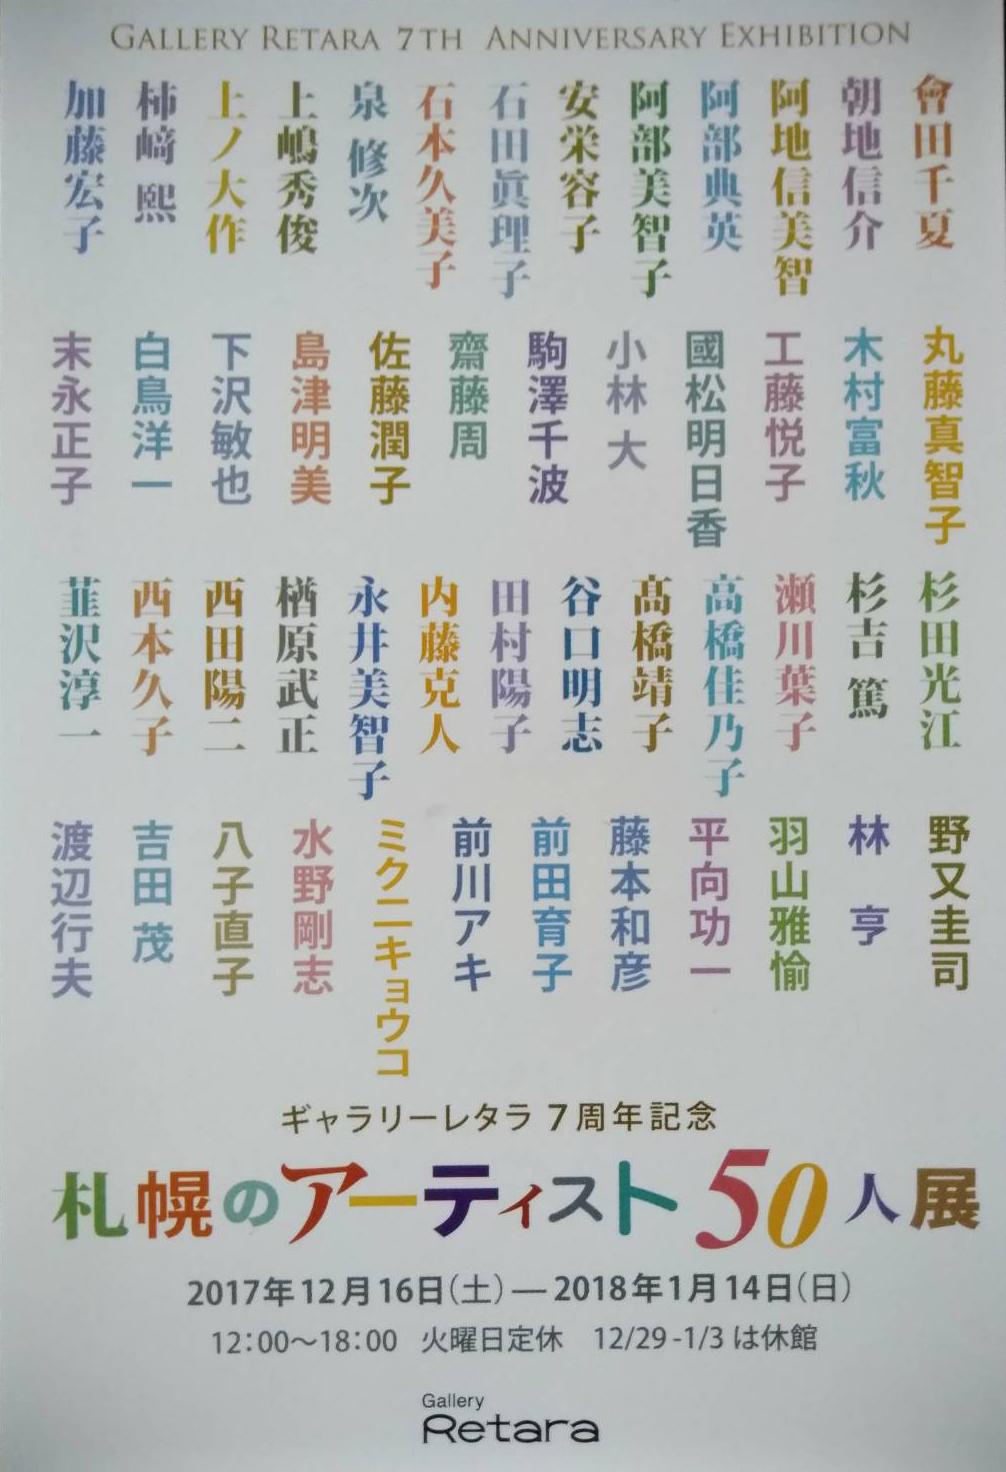 札幌のアーティスト50人展 2017/12/16~2018/1/14